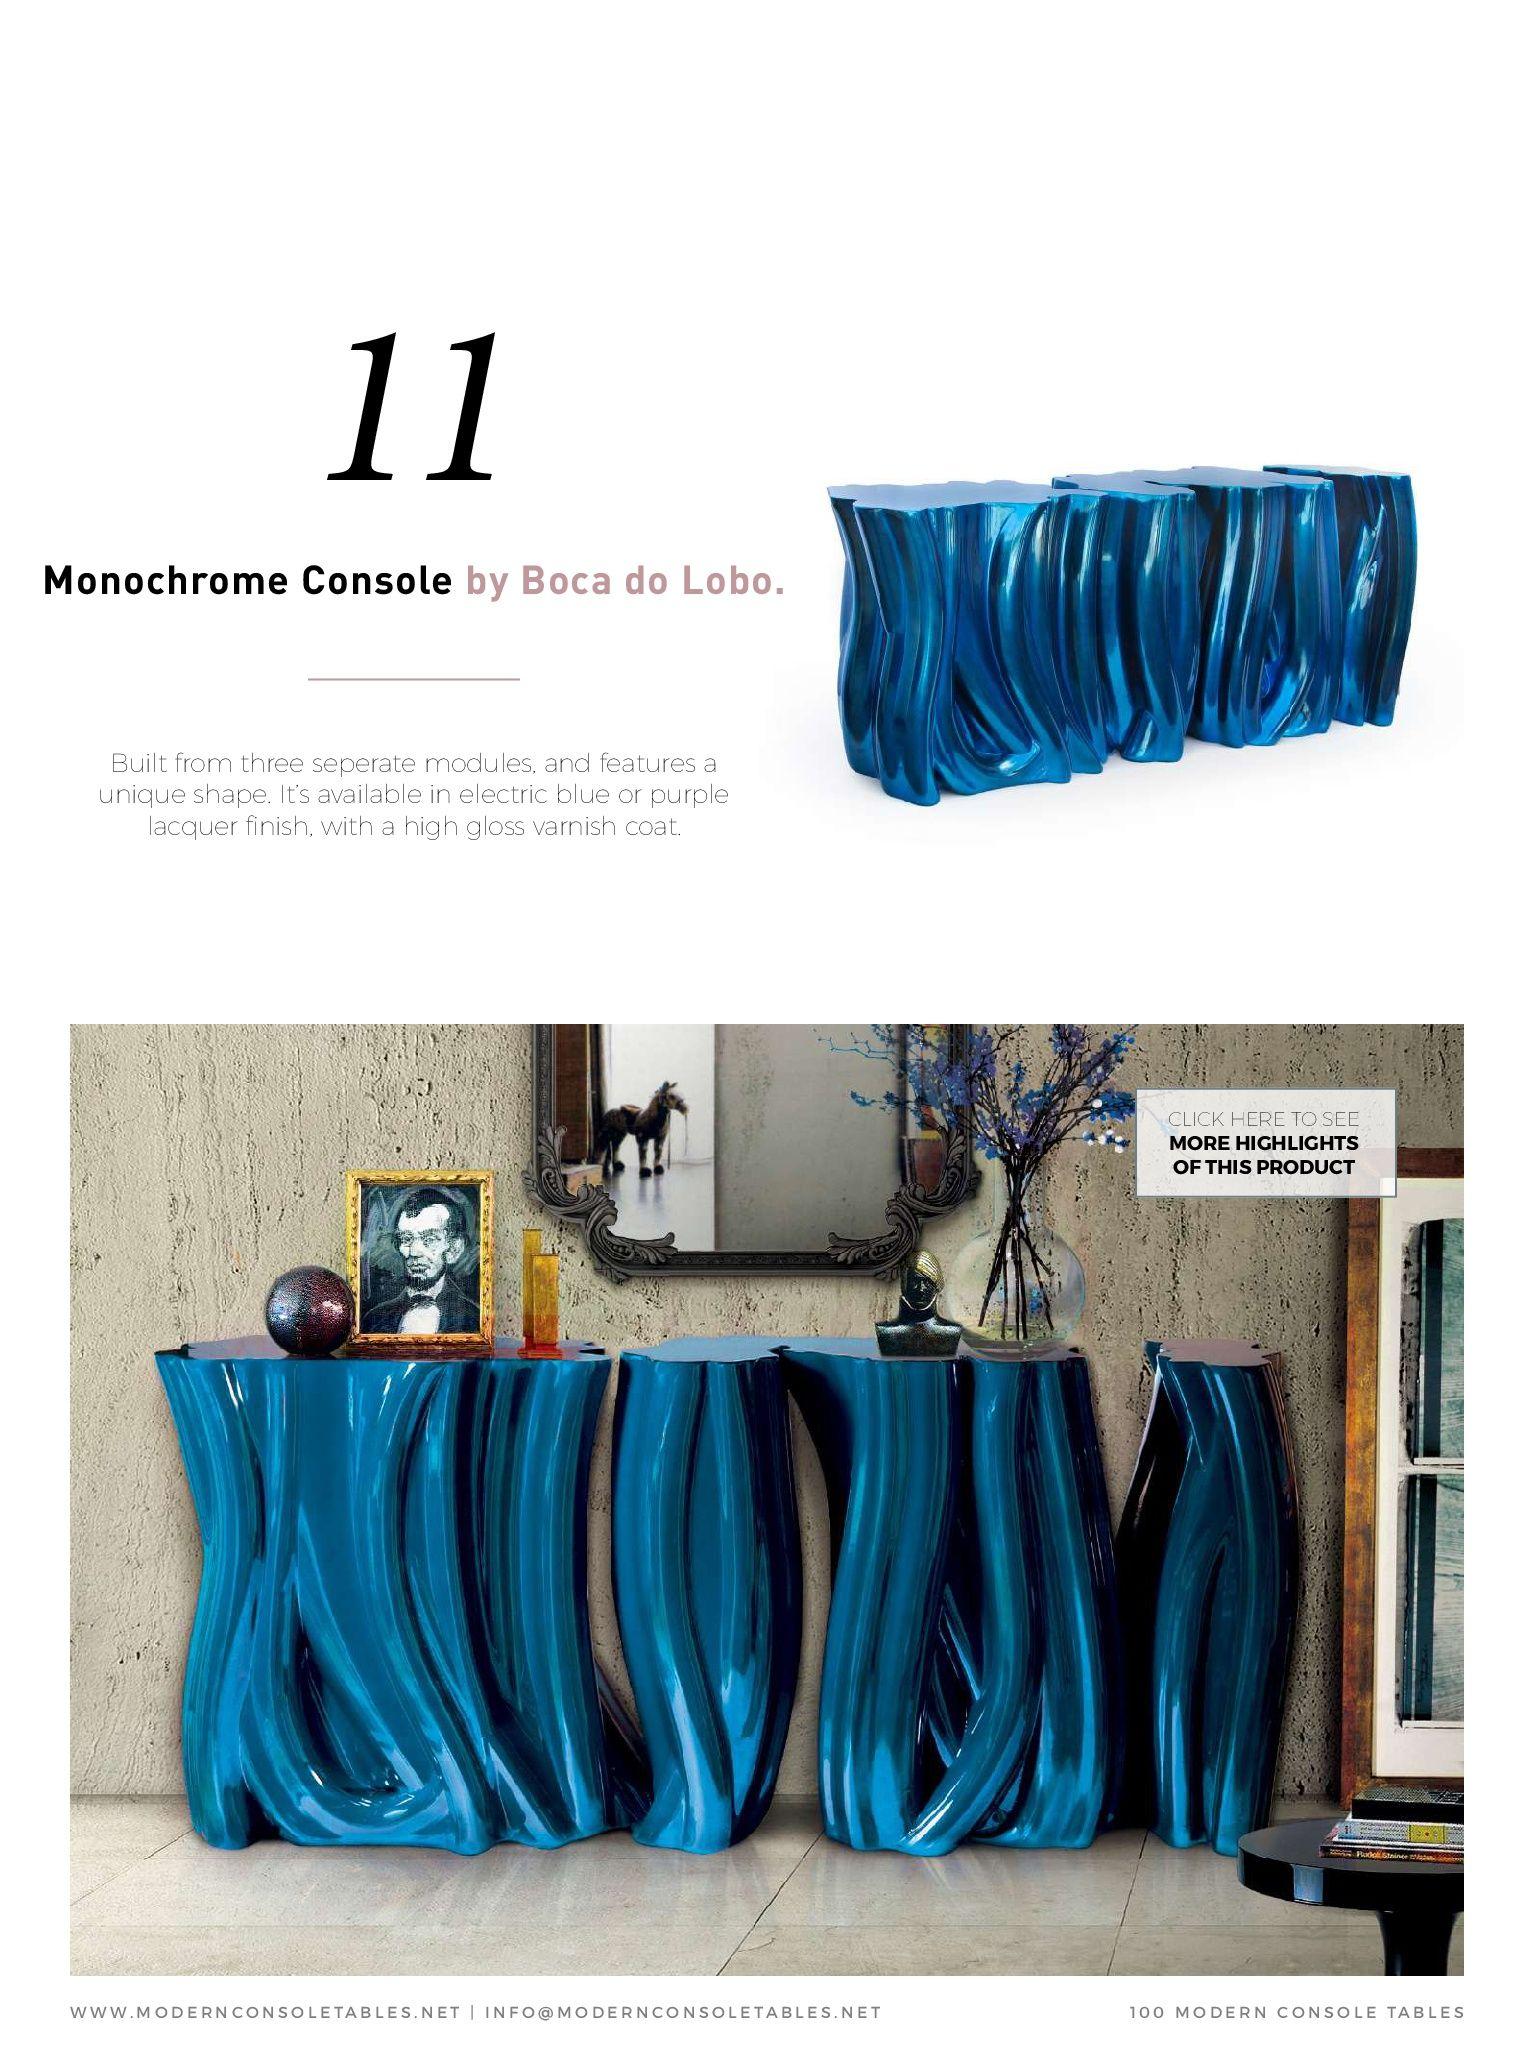 Современные Консольные Столы, сделанные лучшими дизайнерами интерьеров и люксовыми брендами мира. Создан специально для современного домашнего декора.